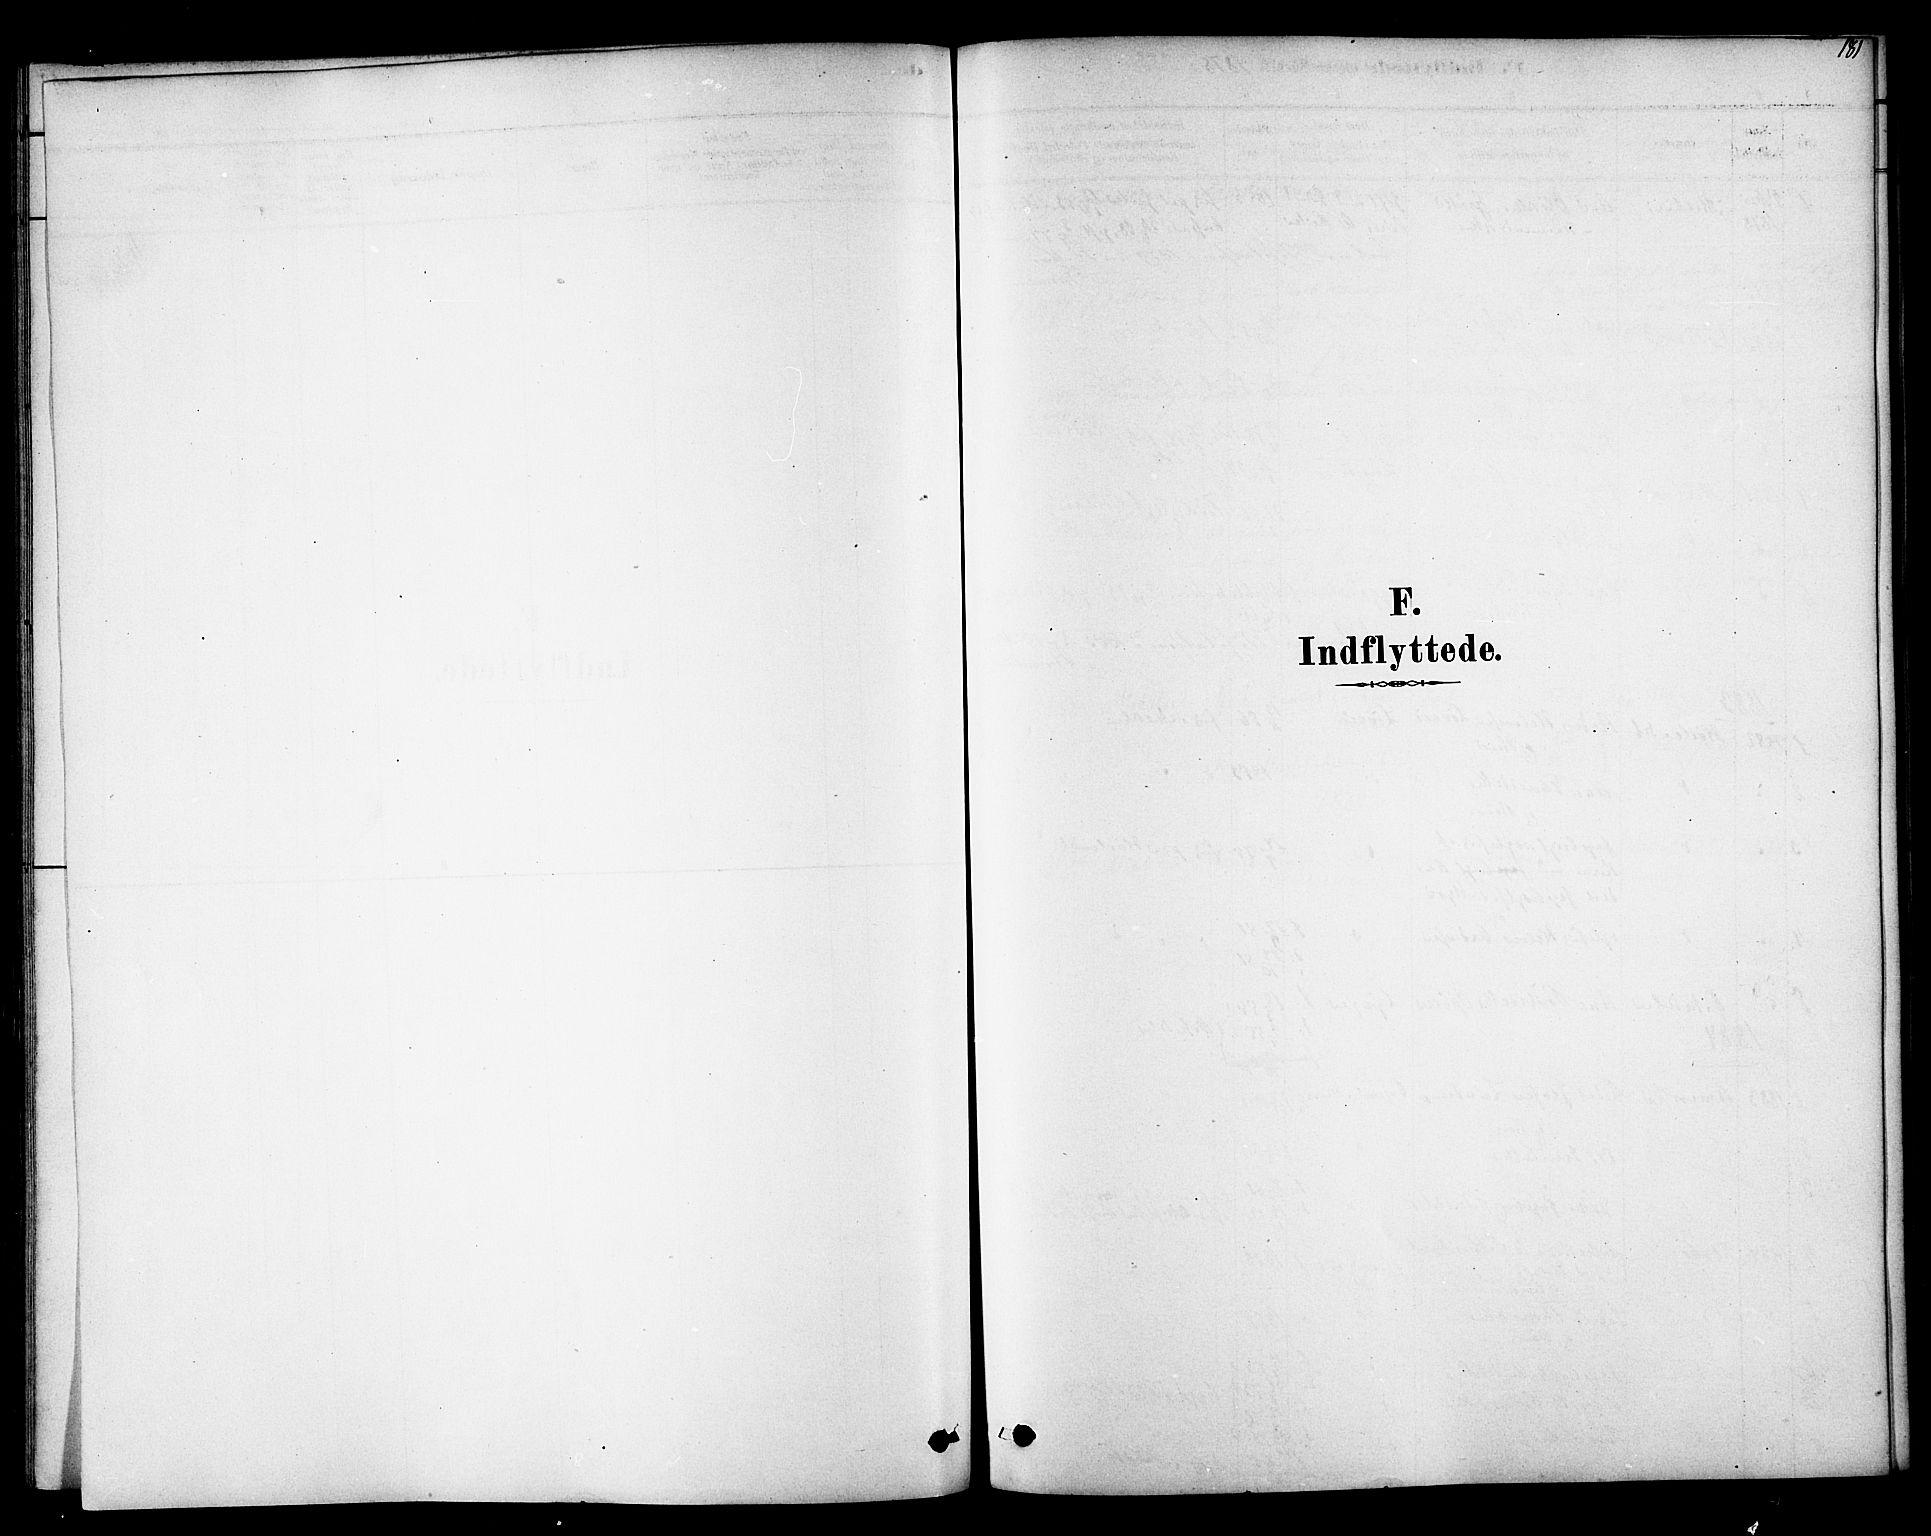 SAT, Ministerialprotokoller, klokkerbøker og fødselsregistre - Sør-Trøndelag, 692/L1105: Ministerialbok nr. 692A05, 1878-1890, s. 181